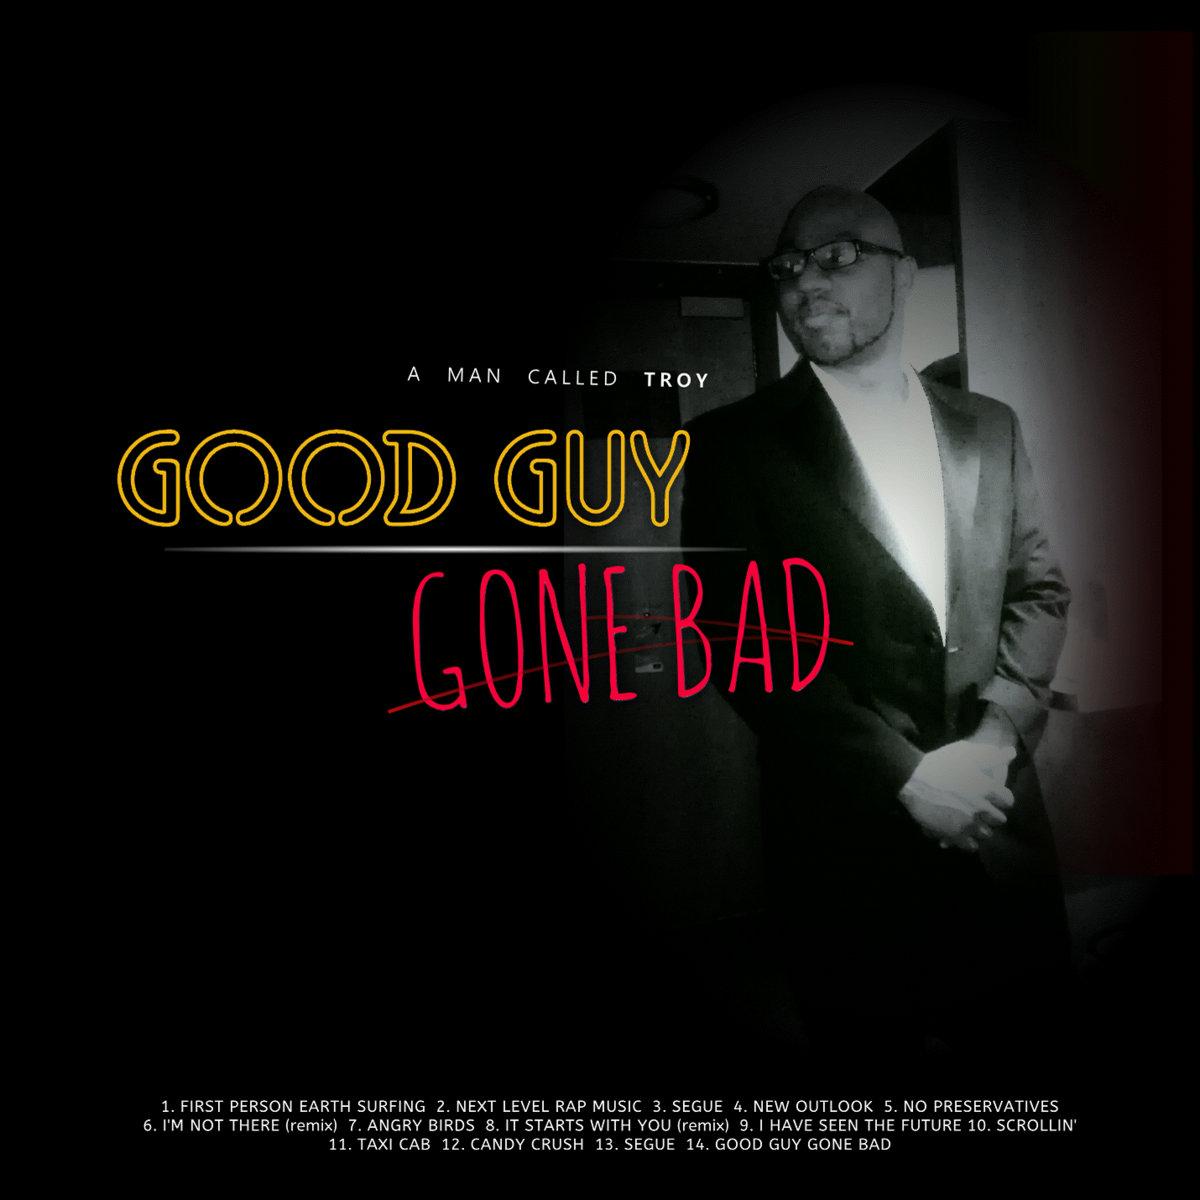 Good Guy Gone Bad